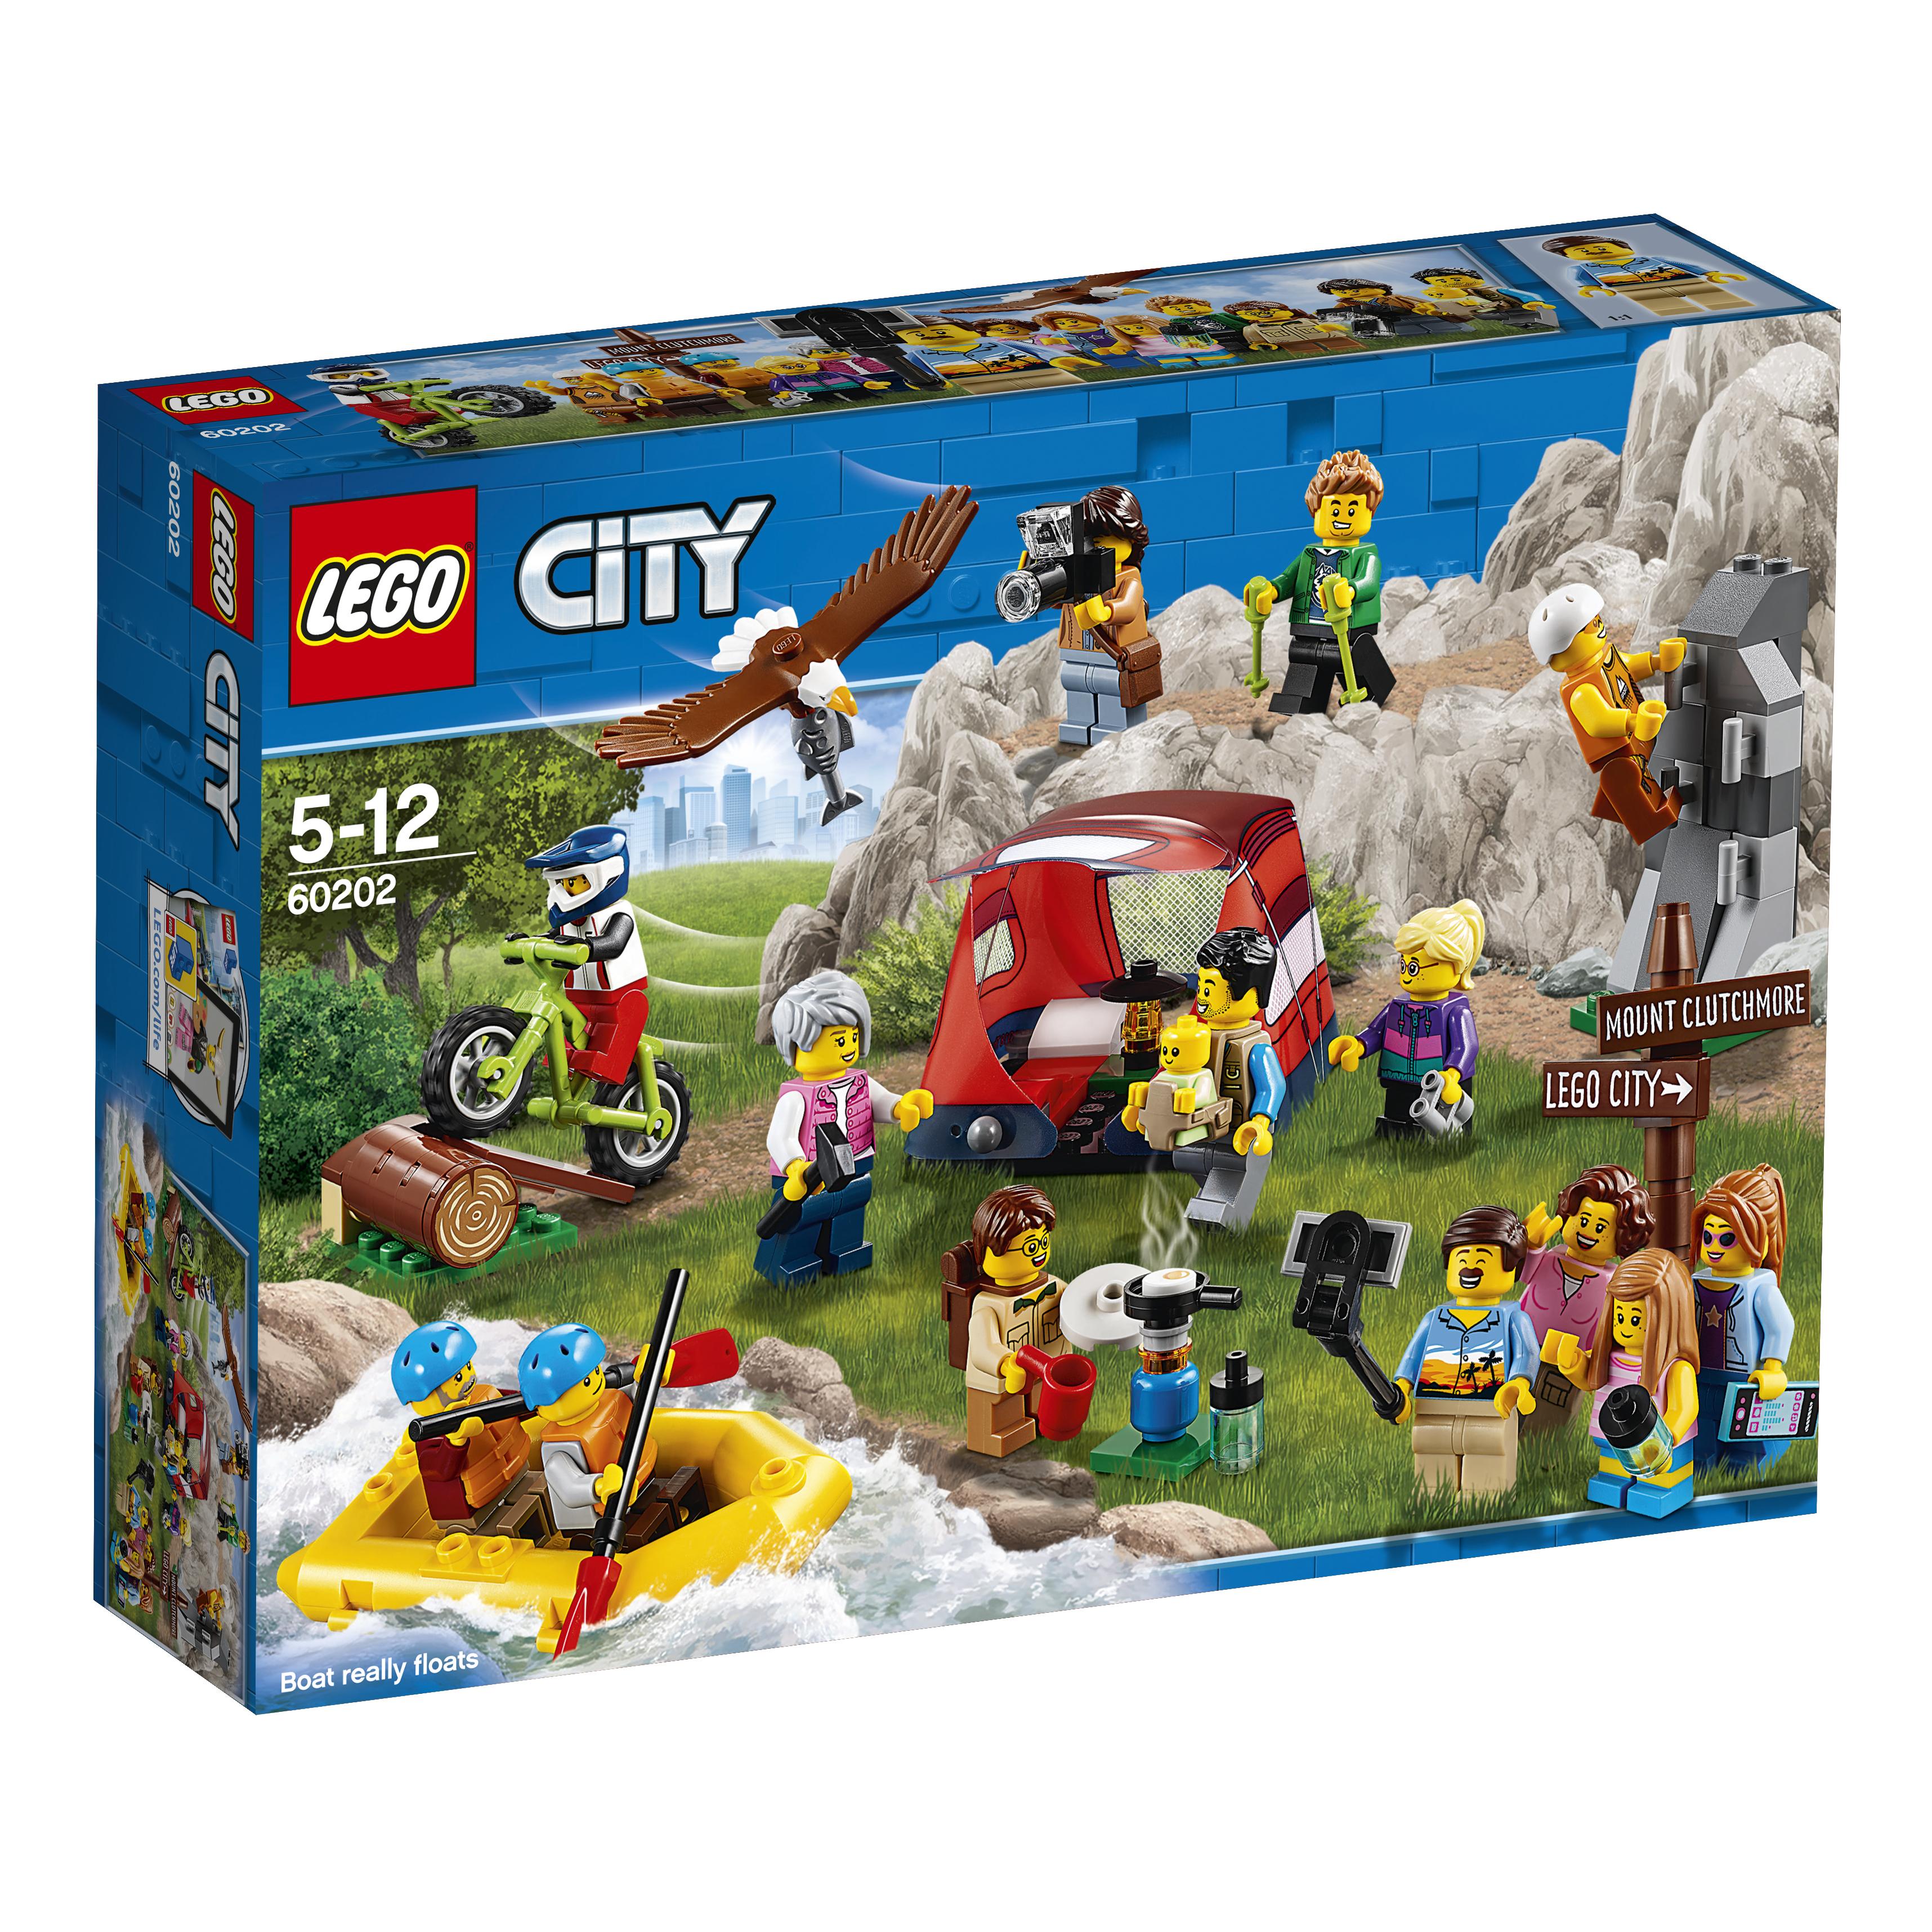 LEGO LEGO Конструктор LEGO City Town 60202 Любители активного отдыха конструктор lego city jungle explorer 60157 набор джунгли для начинающих